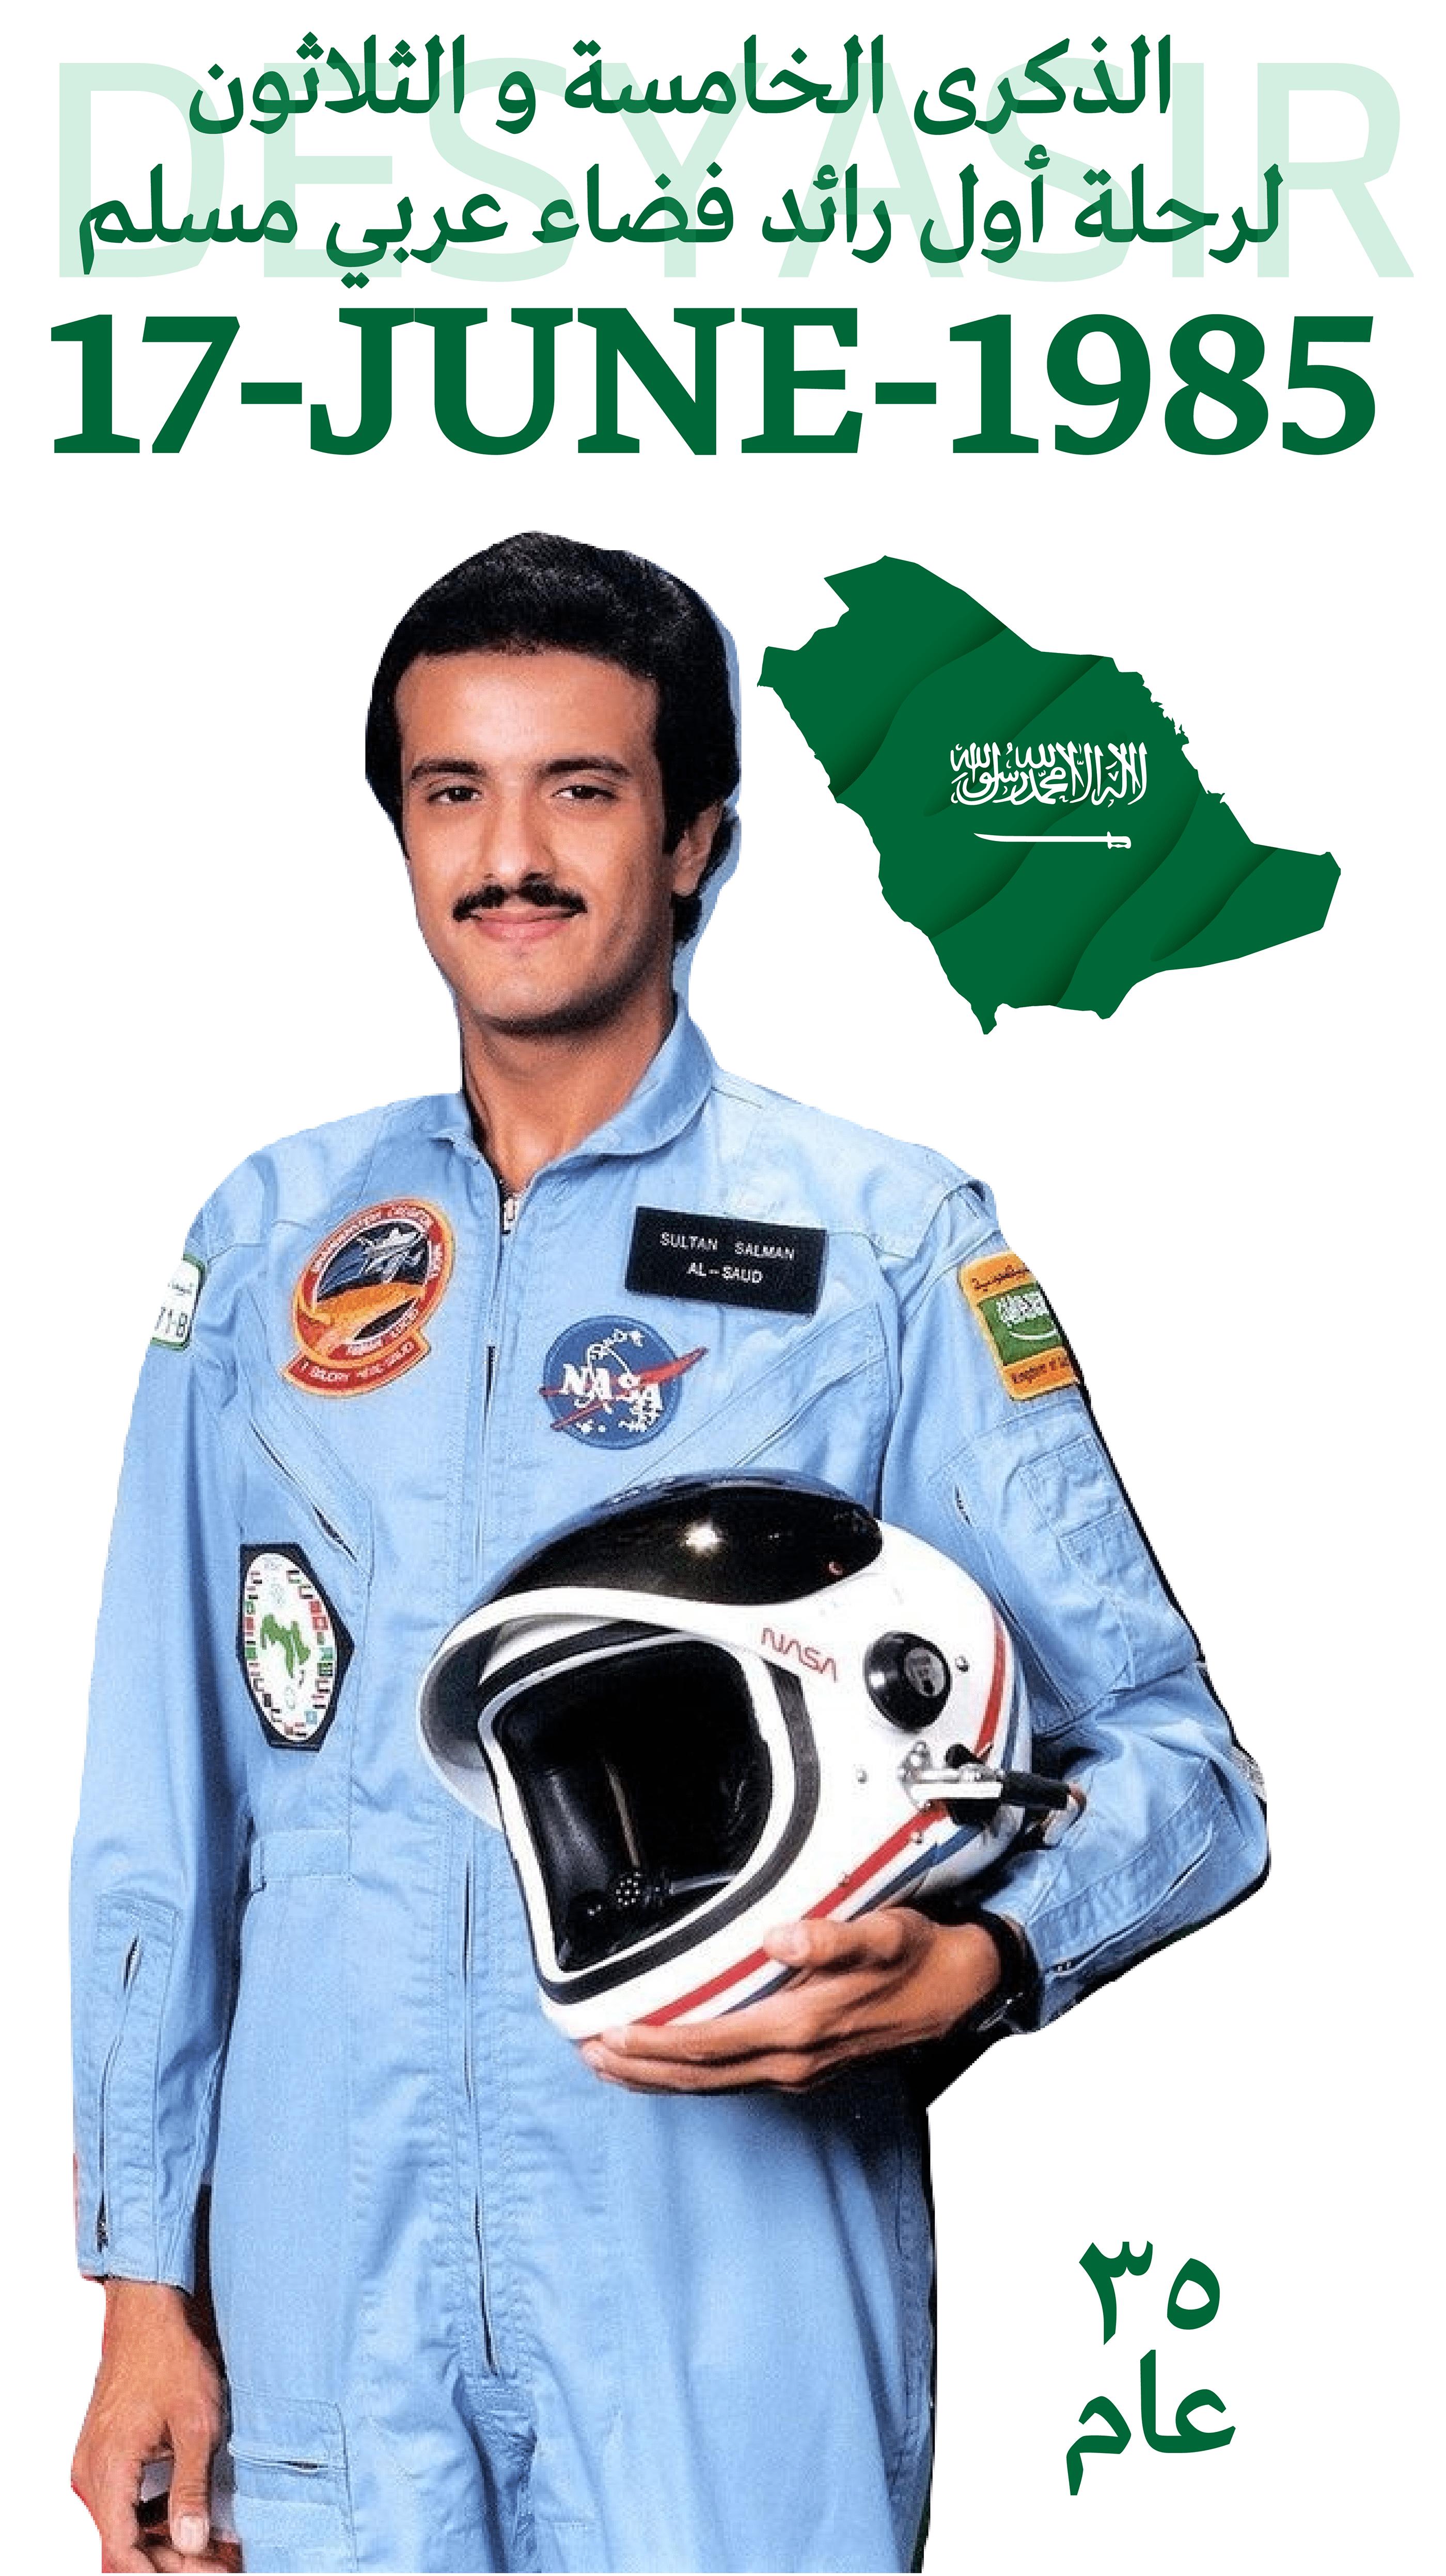 أول رائد فضاء عربي مسلم On Behance